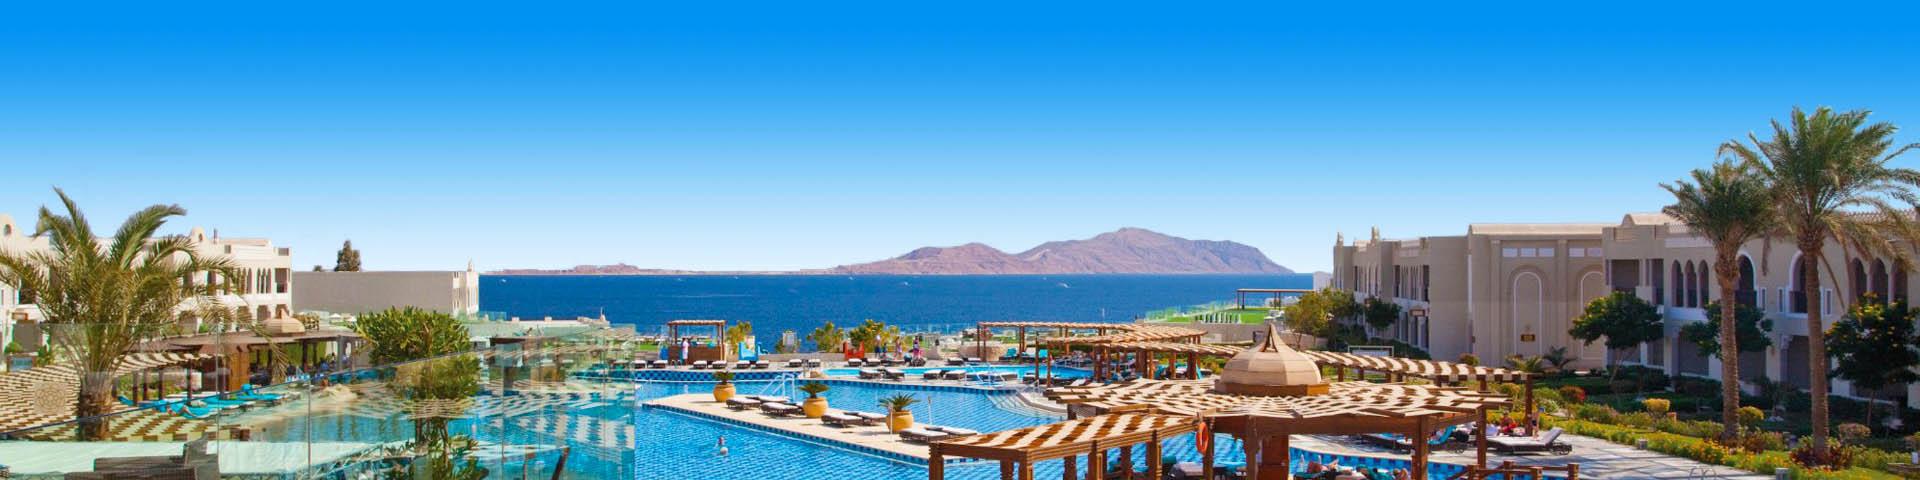 Luxe all inclusive resort aan de Rode Zee van Egypte